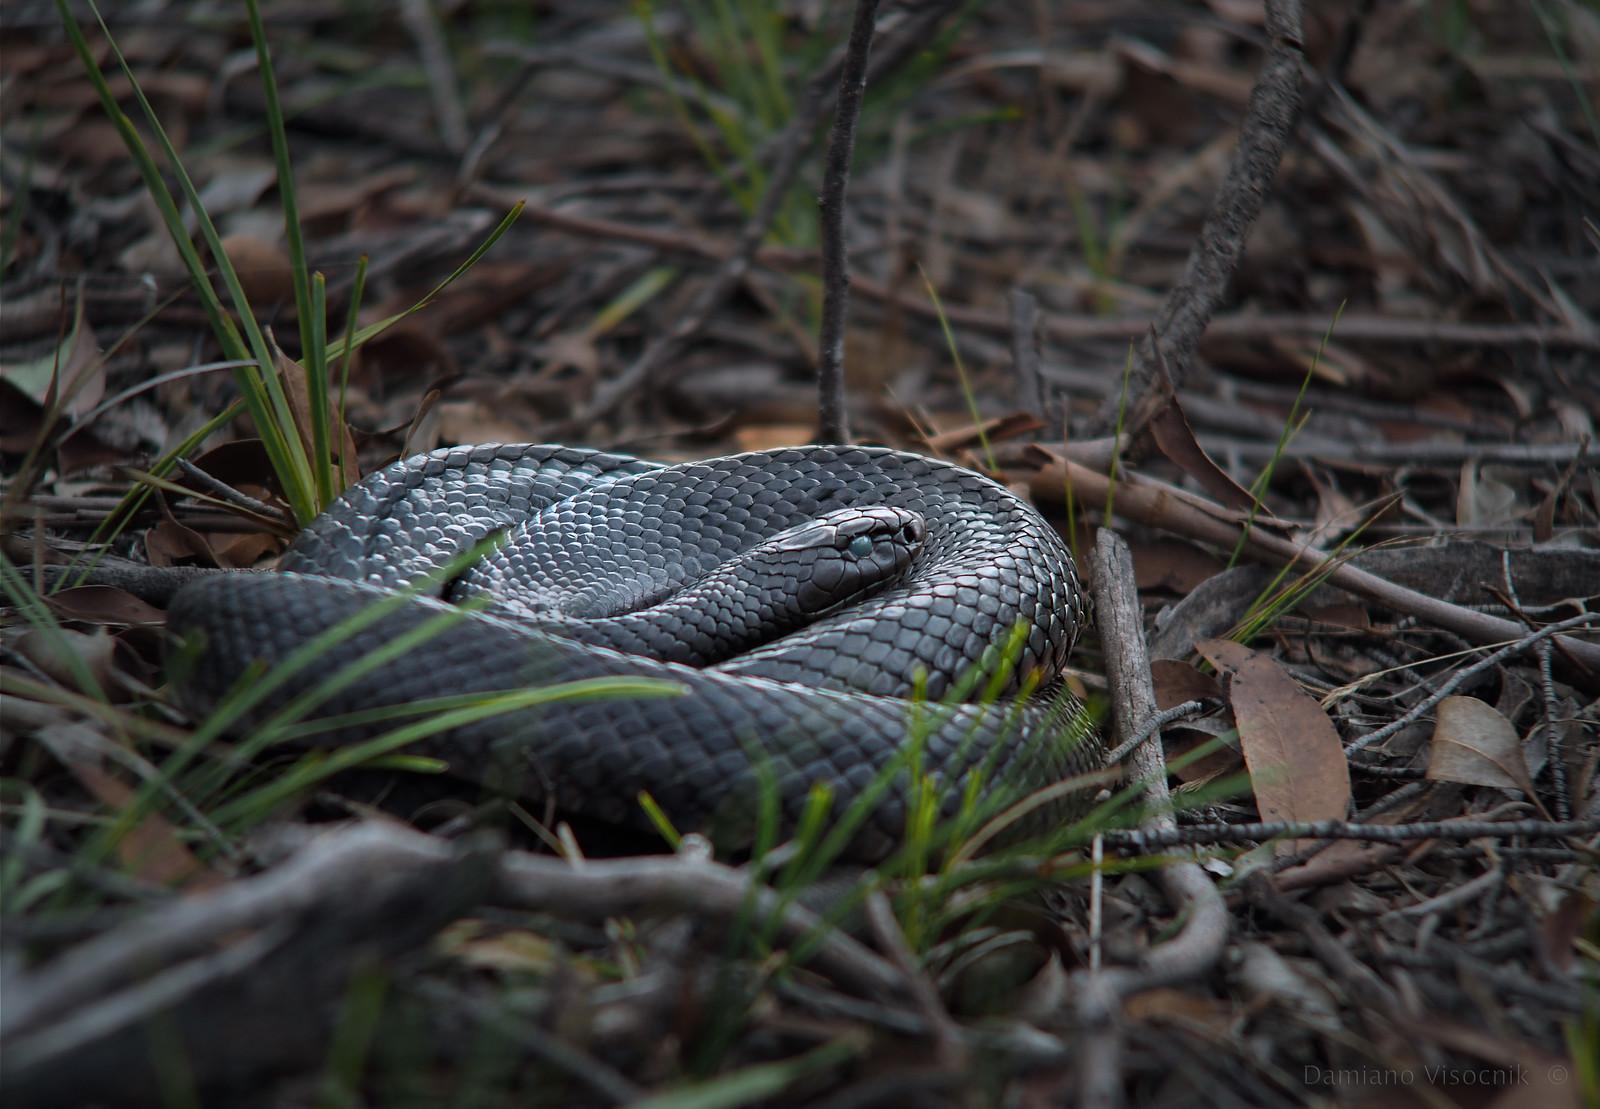 Blind snake_c